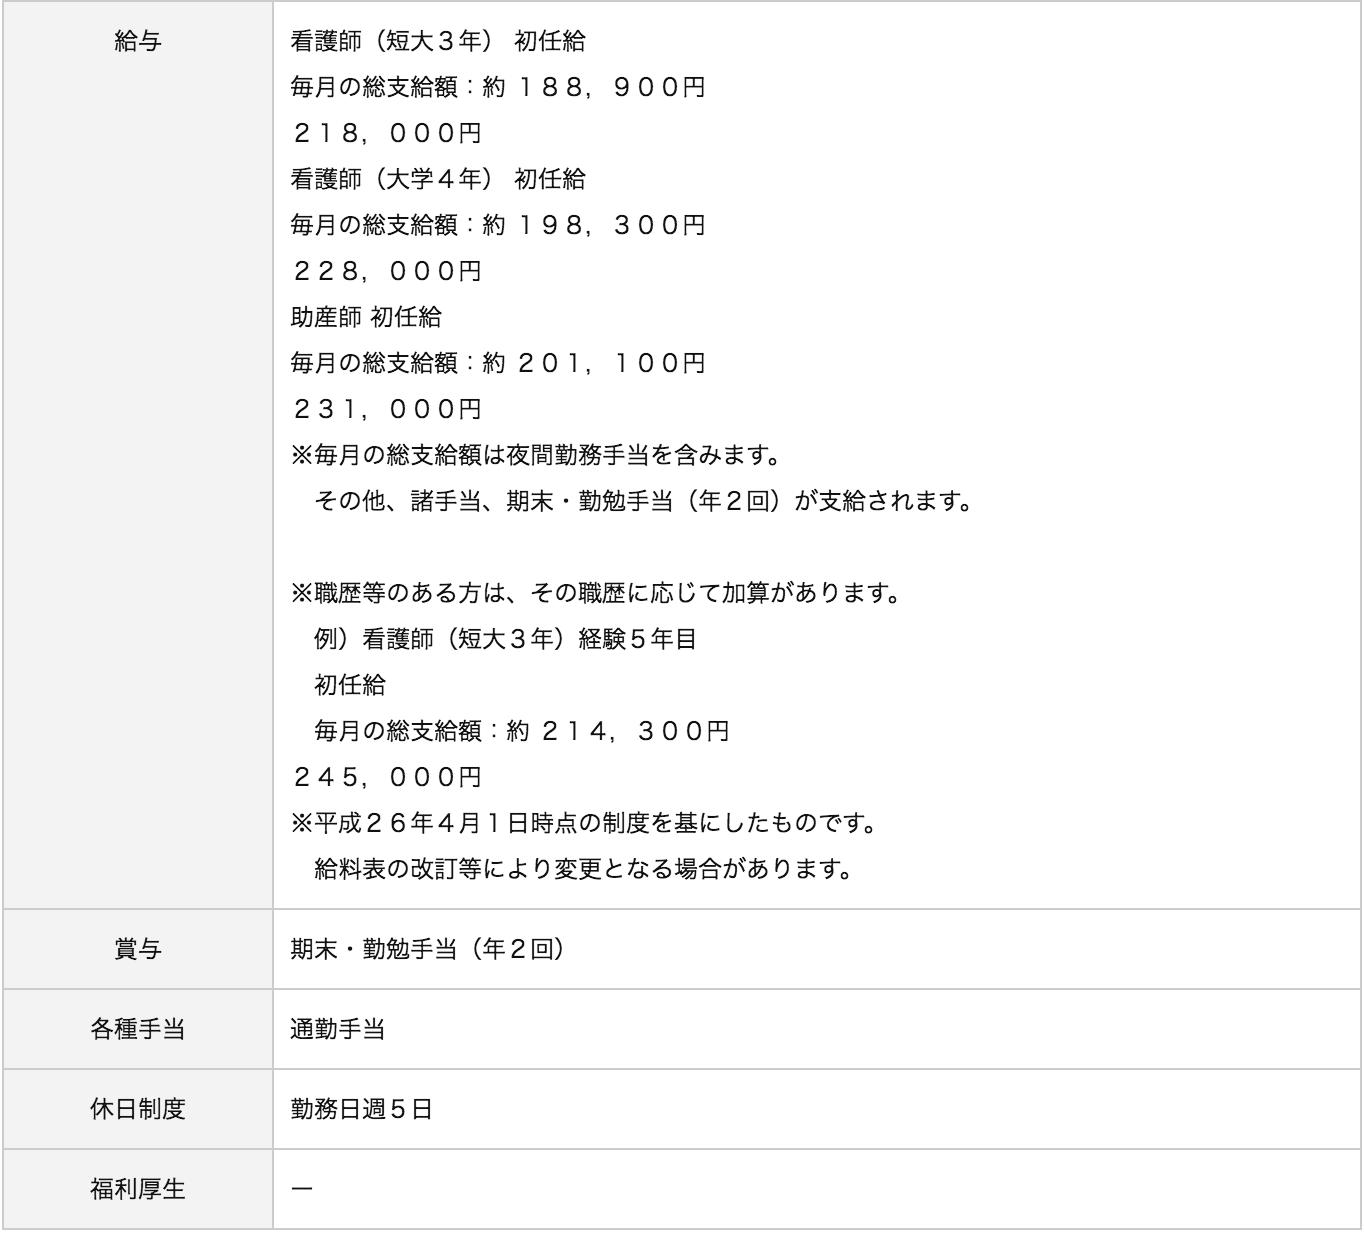 鳥取市立病院待遇